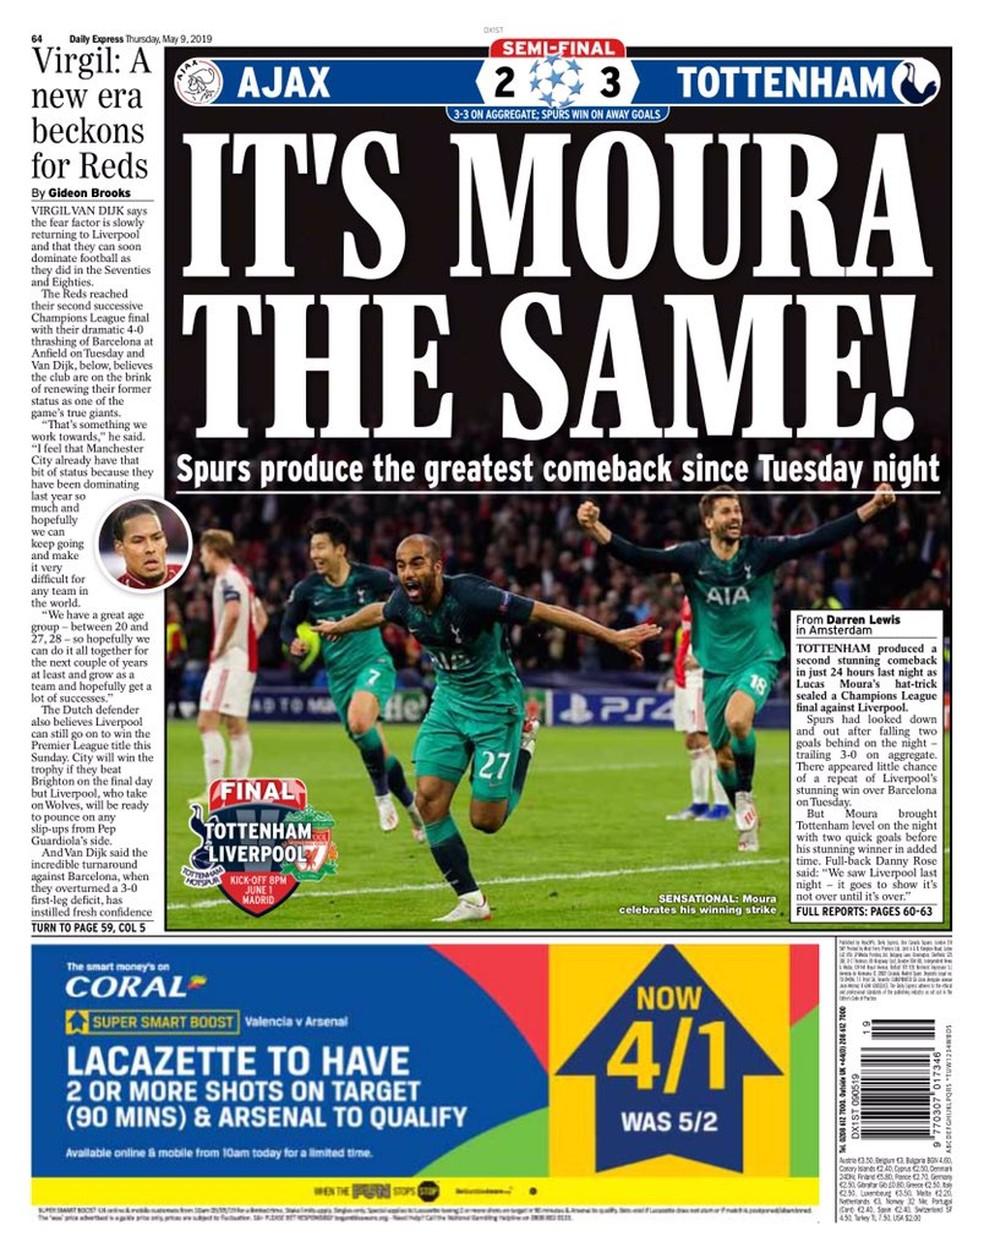 """Daily Express também faz referência à virada do Liverpool: """"Spurs produzem a maior virada desde a noite de terça"""" — Foto: Reprodução/Daily Express"""